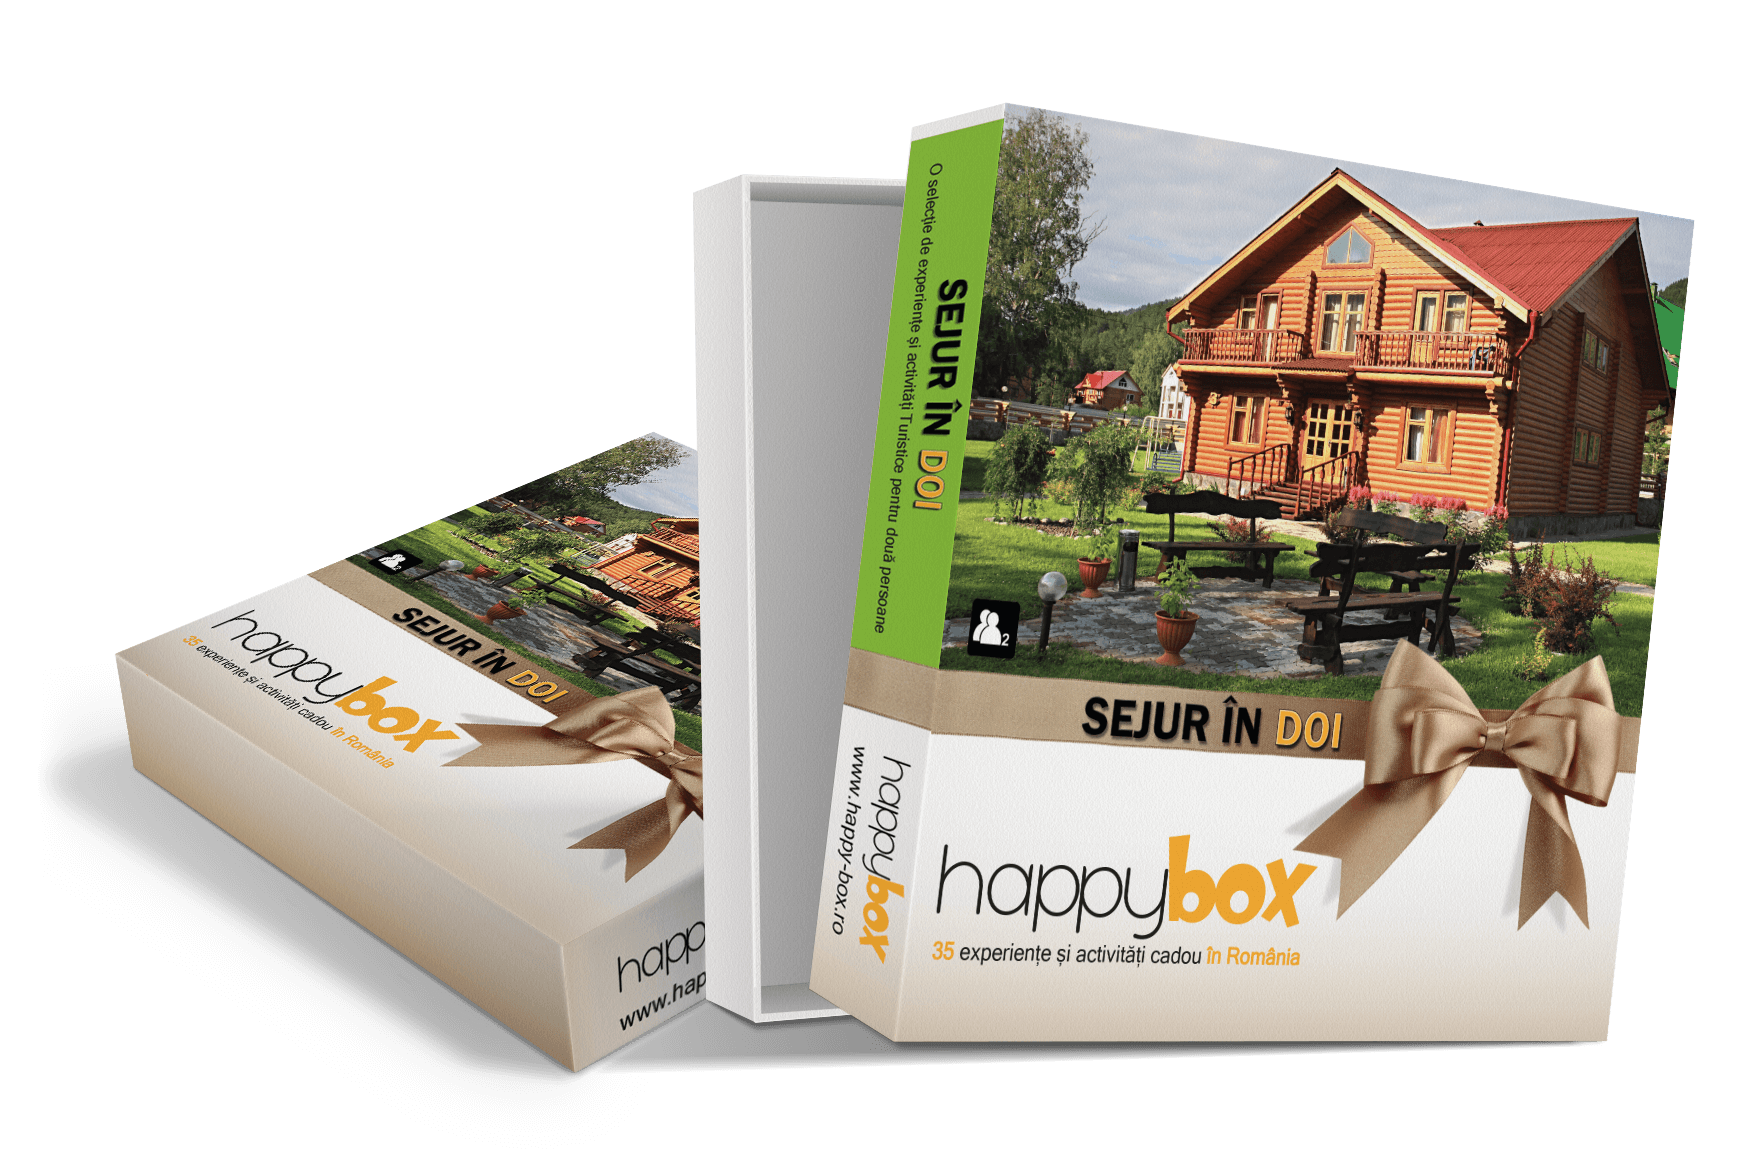 happybox_sejur-in-doi-box